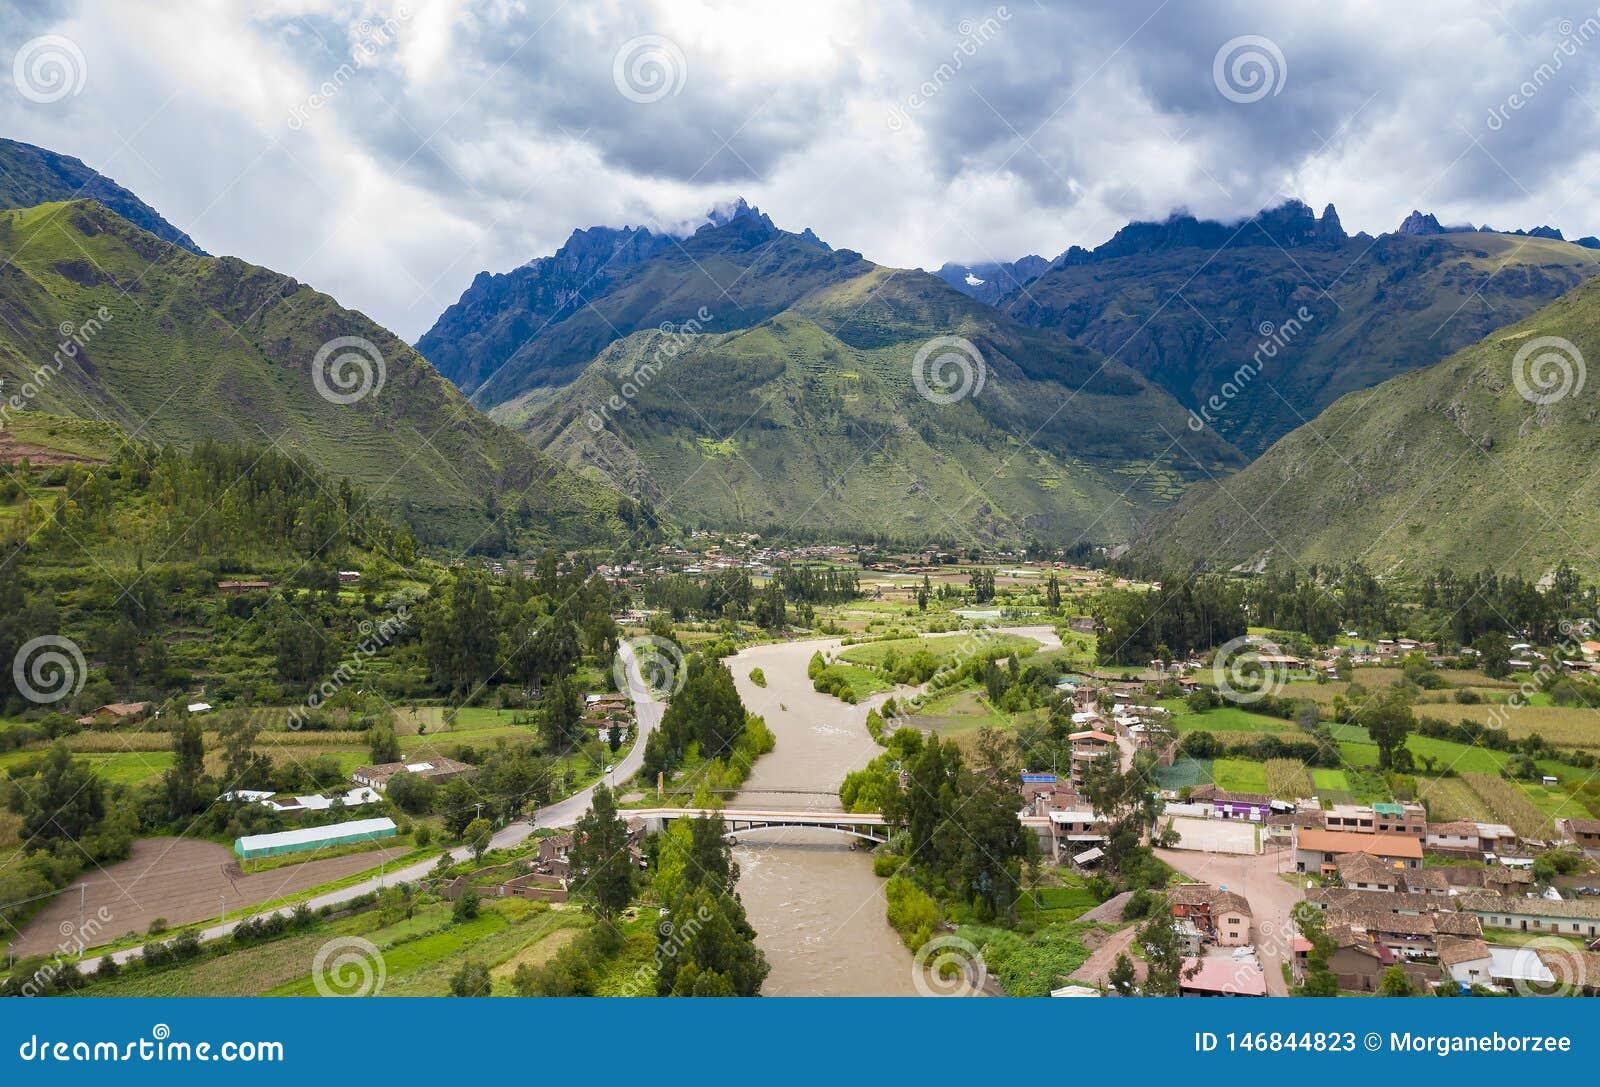 Vista aérea do rio no vale sagrado dos Incas perto da cidade de Urubamba